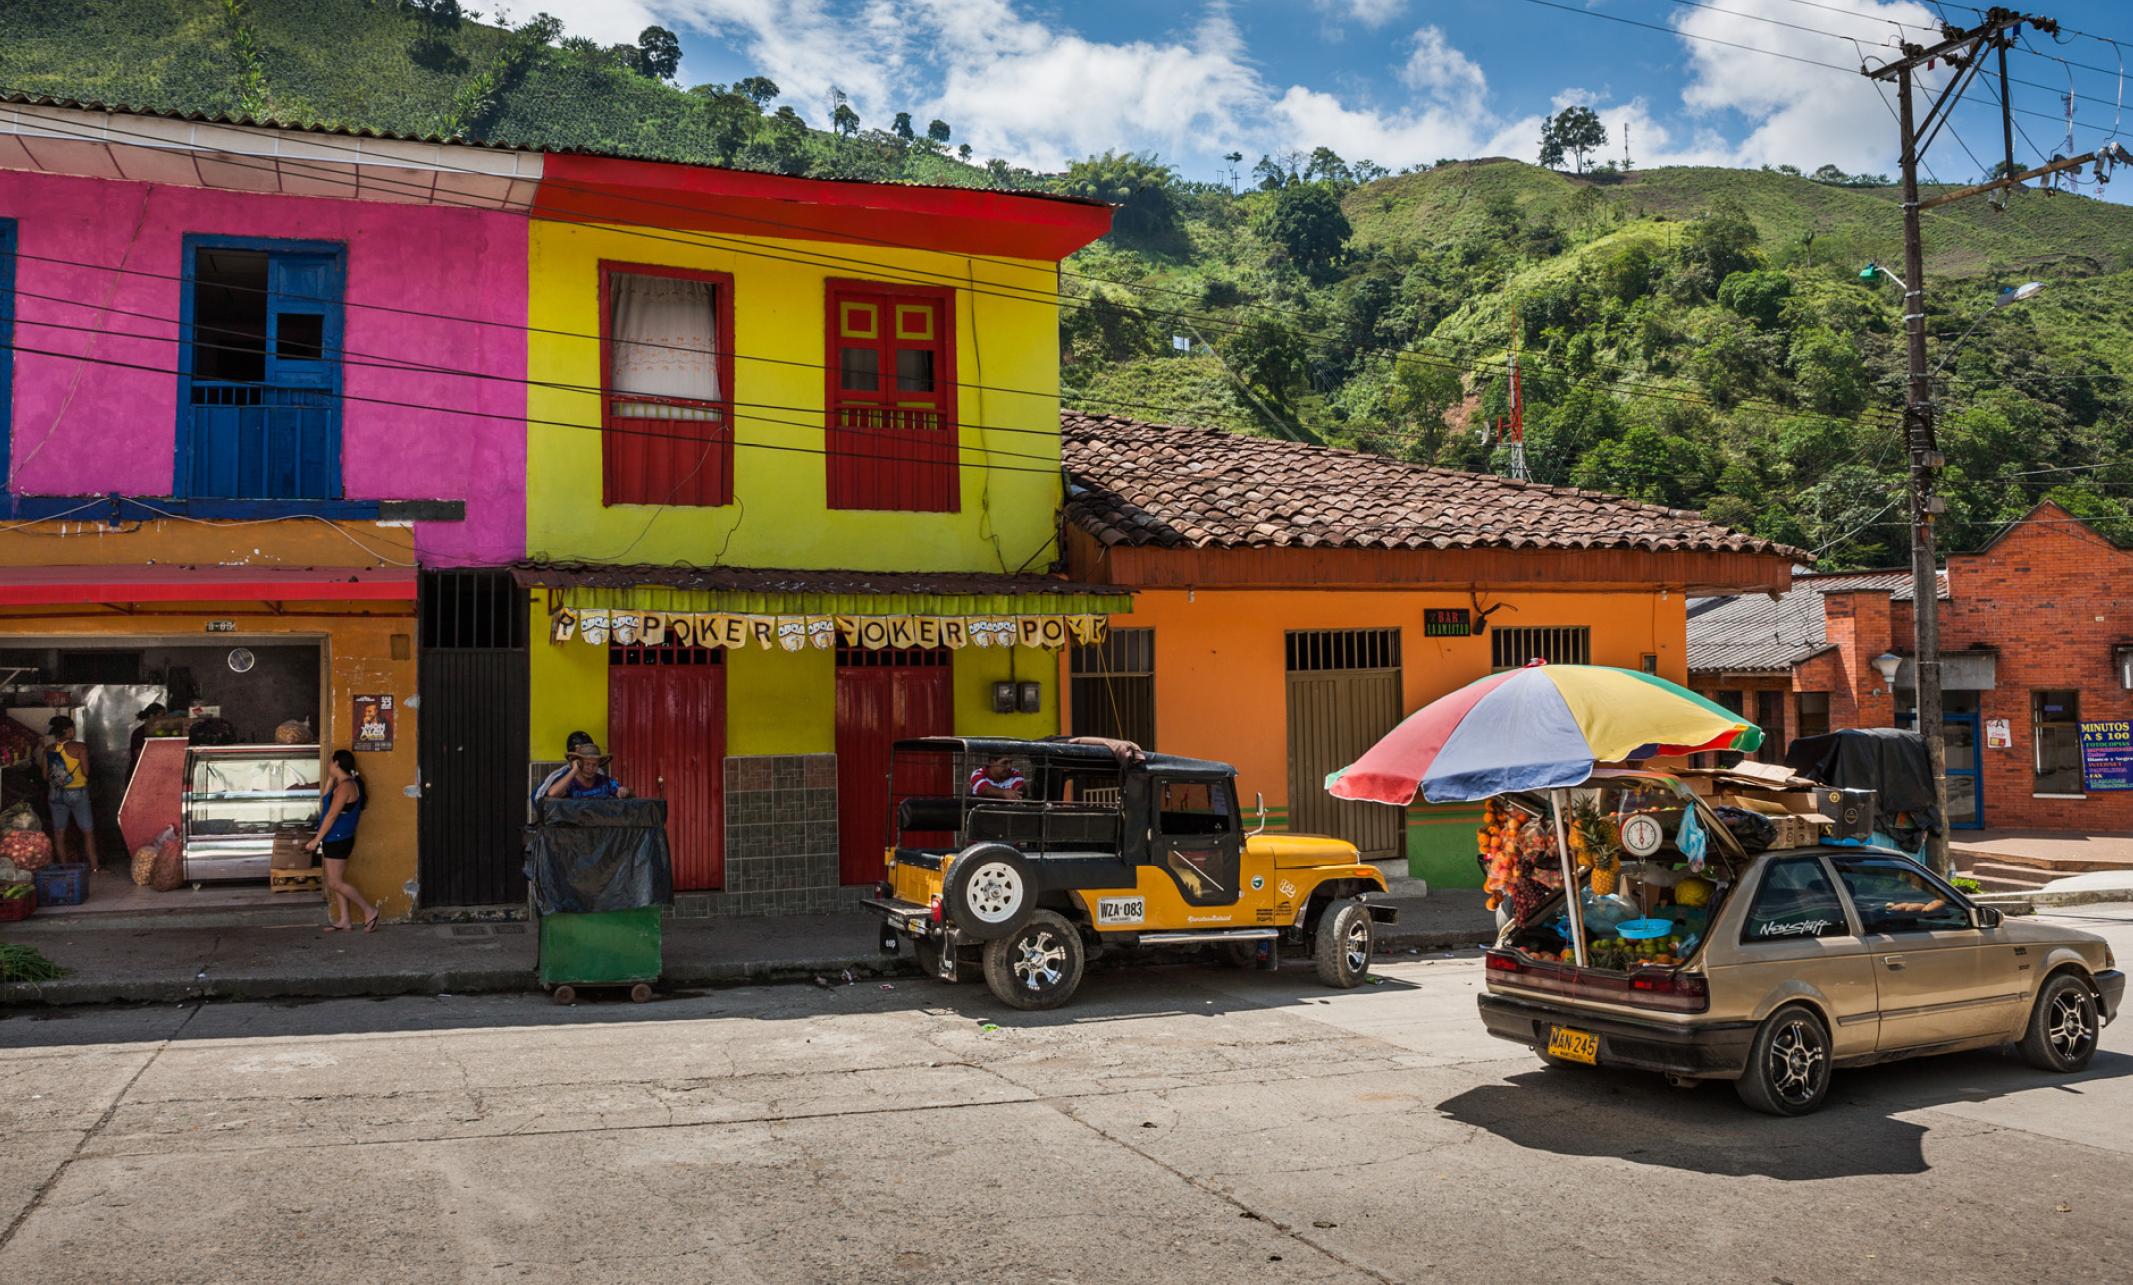 Uppdragsfotografering på kaffeplantage i Colombia